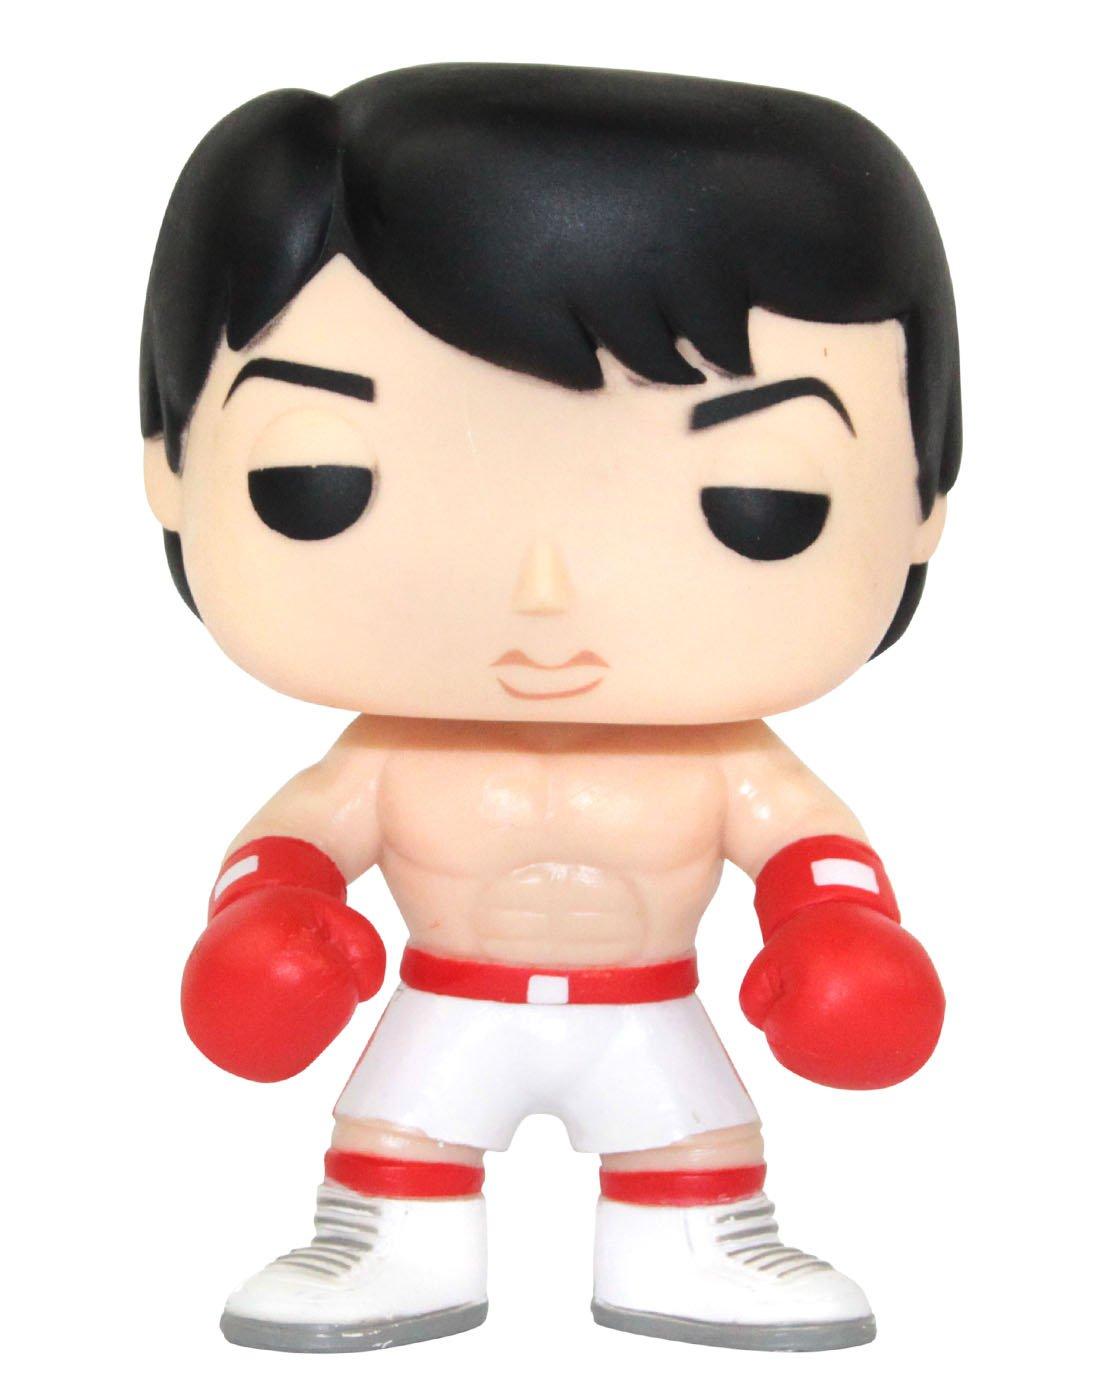 Funko Pop Rocky Balboa Vinyl Figure Figures Amazon Canada